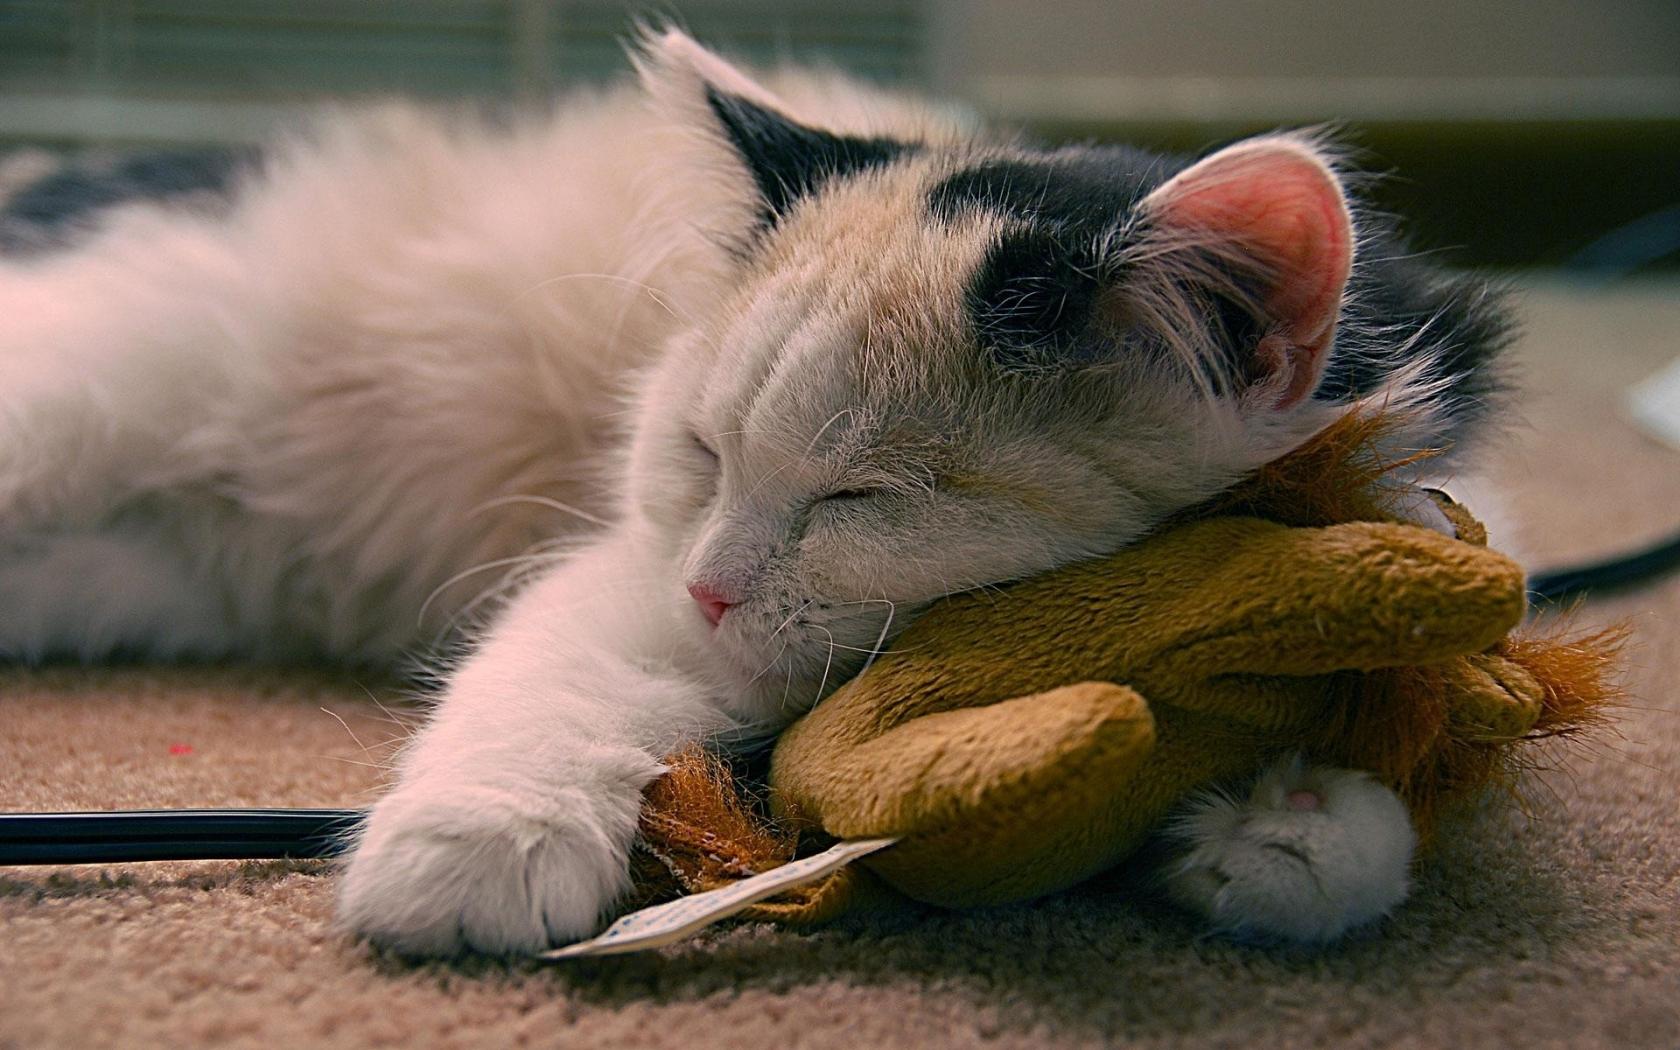 Un gato durmiendo - 1680x1050